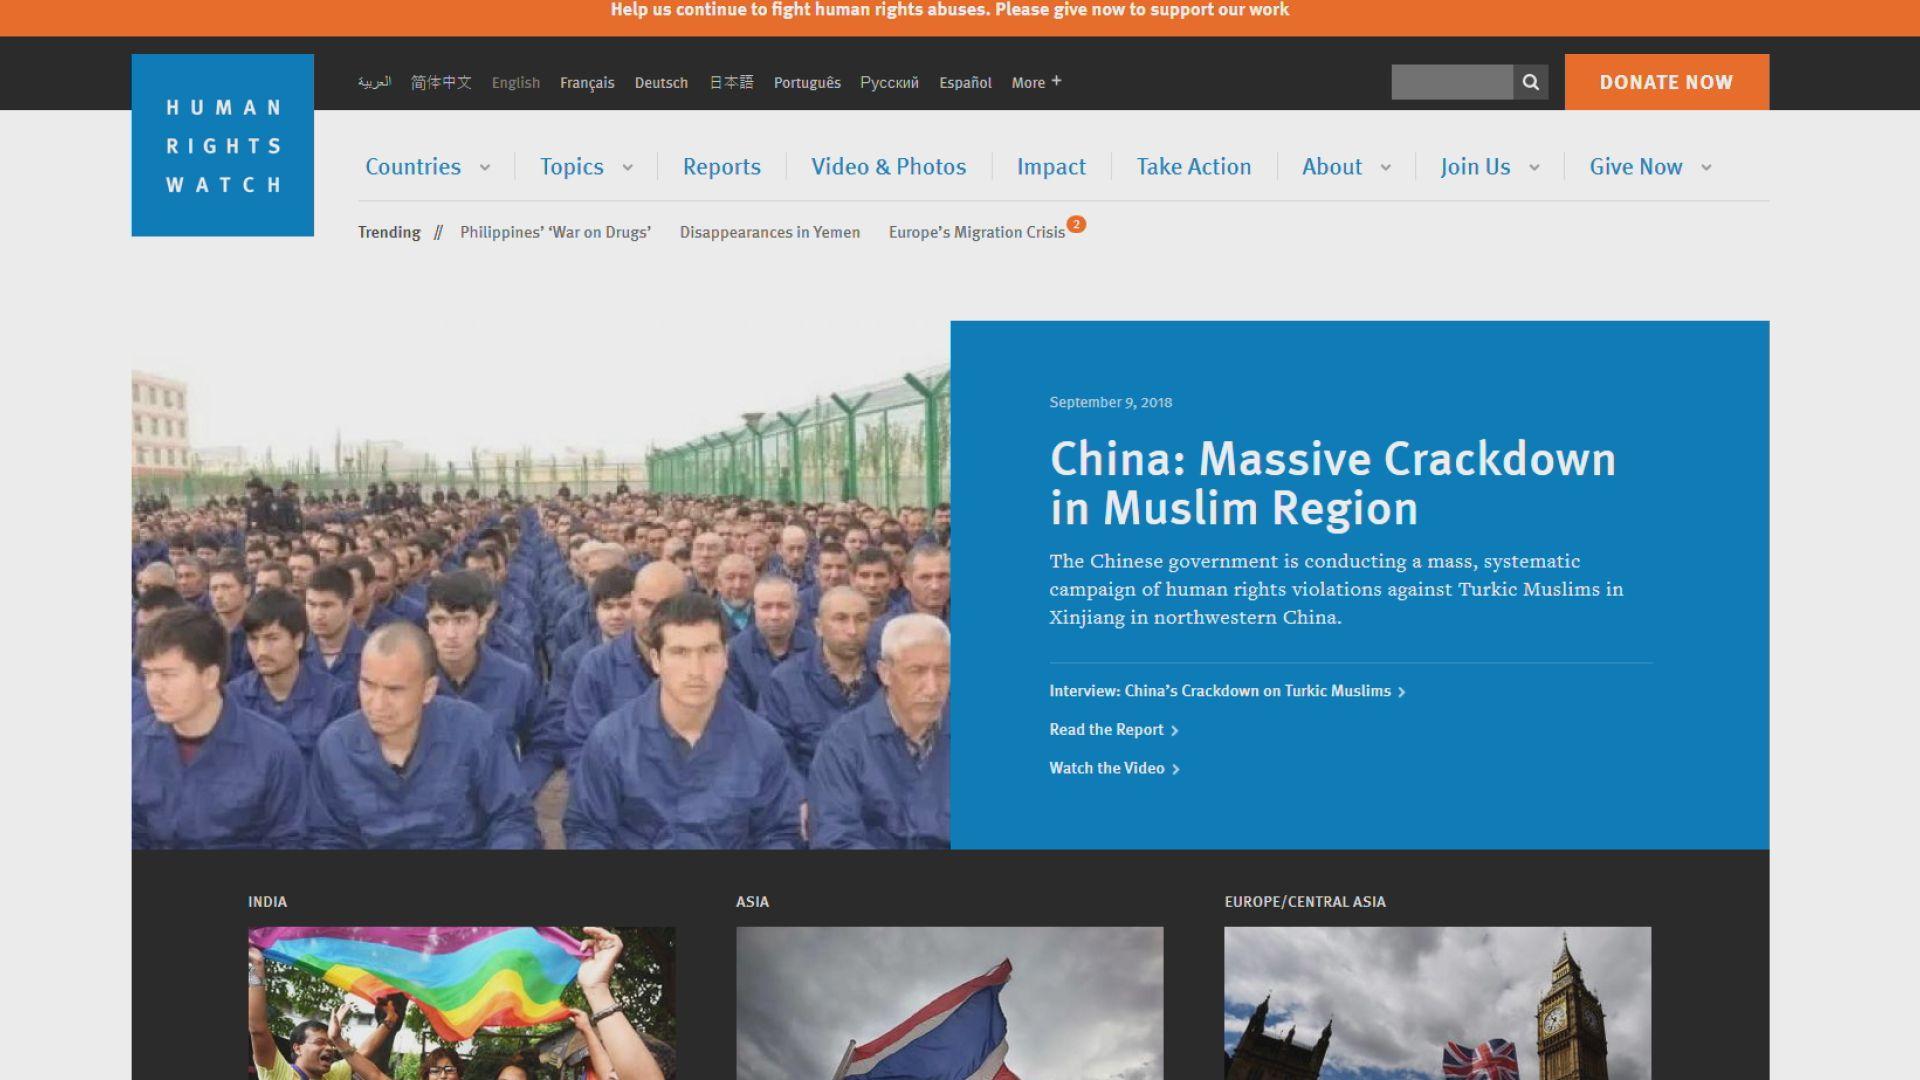 人權觀察指新疆穆斯林人權被侵犯